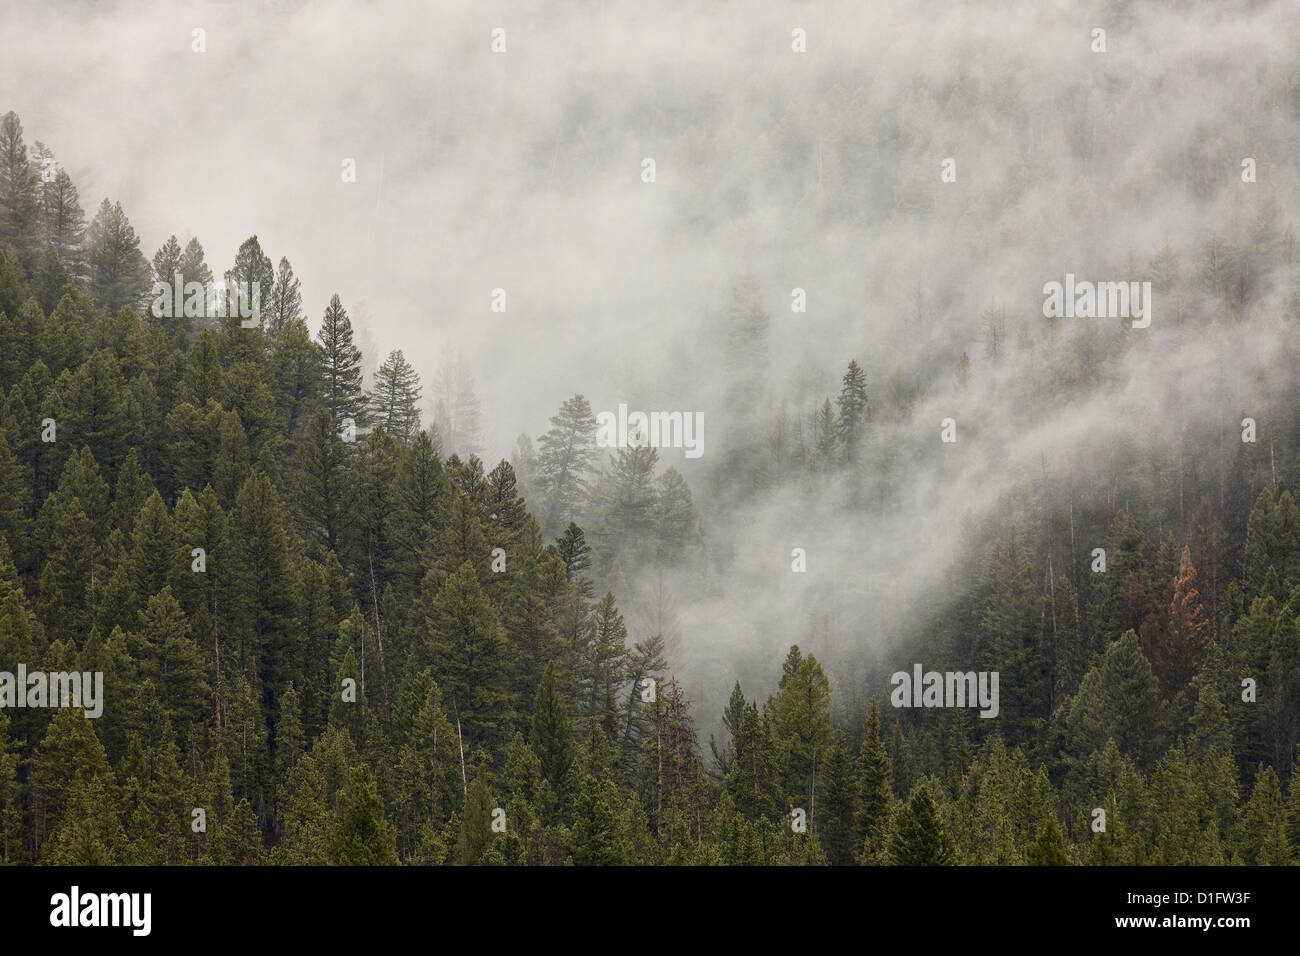 La niebla entre encinas, el Parque Nacional de Yellowstone, Sitio del Patrimonio Mundial de la UNESCO, Wyoming, Imagen De Stock